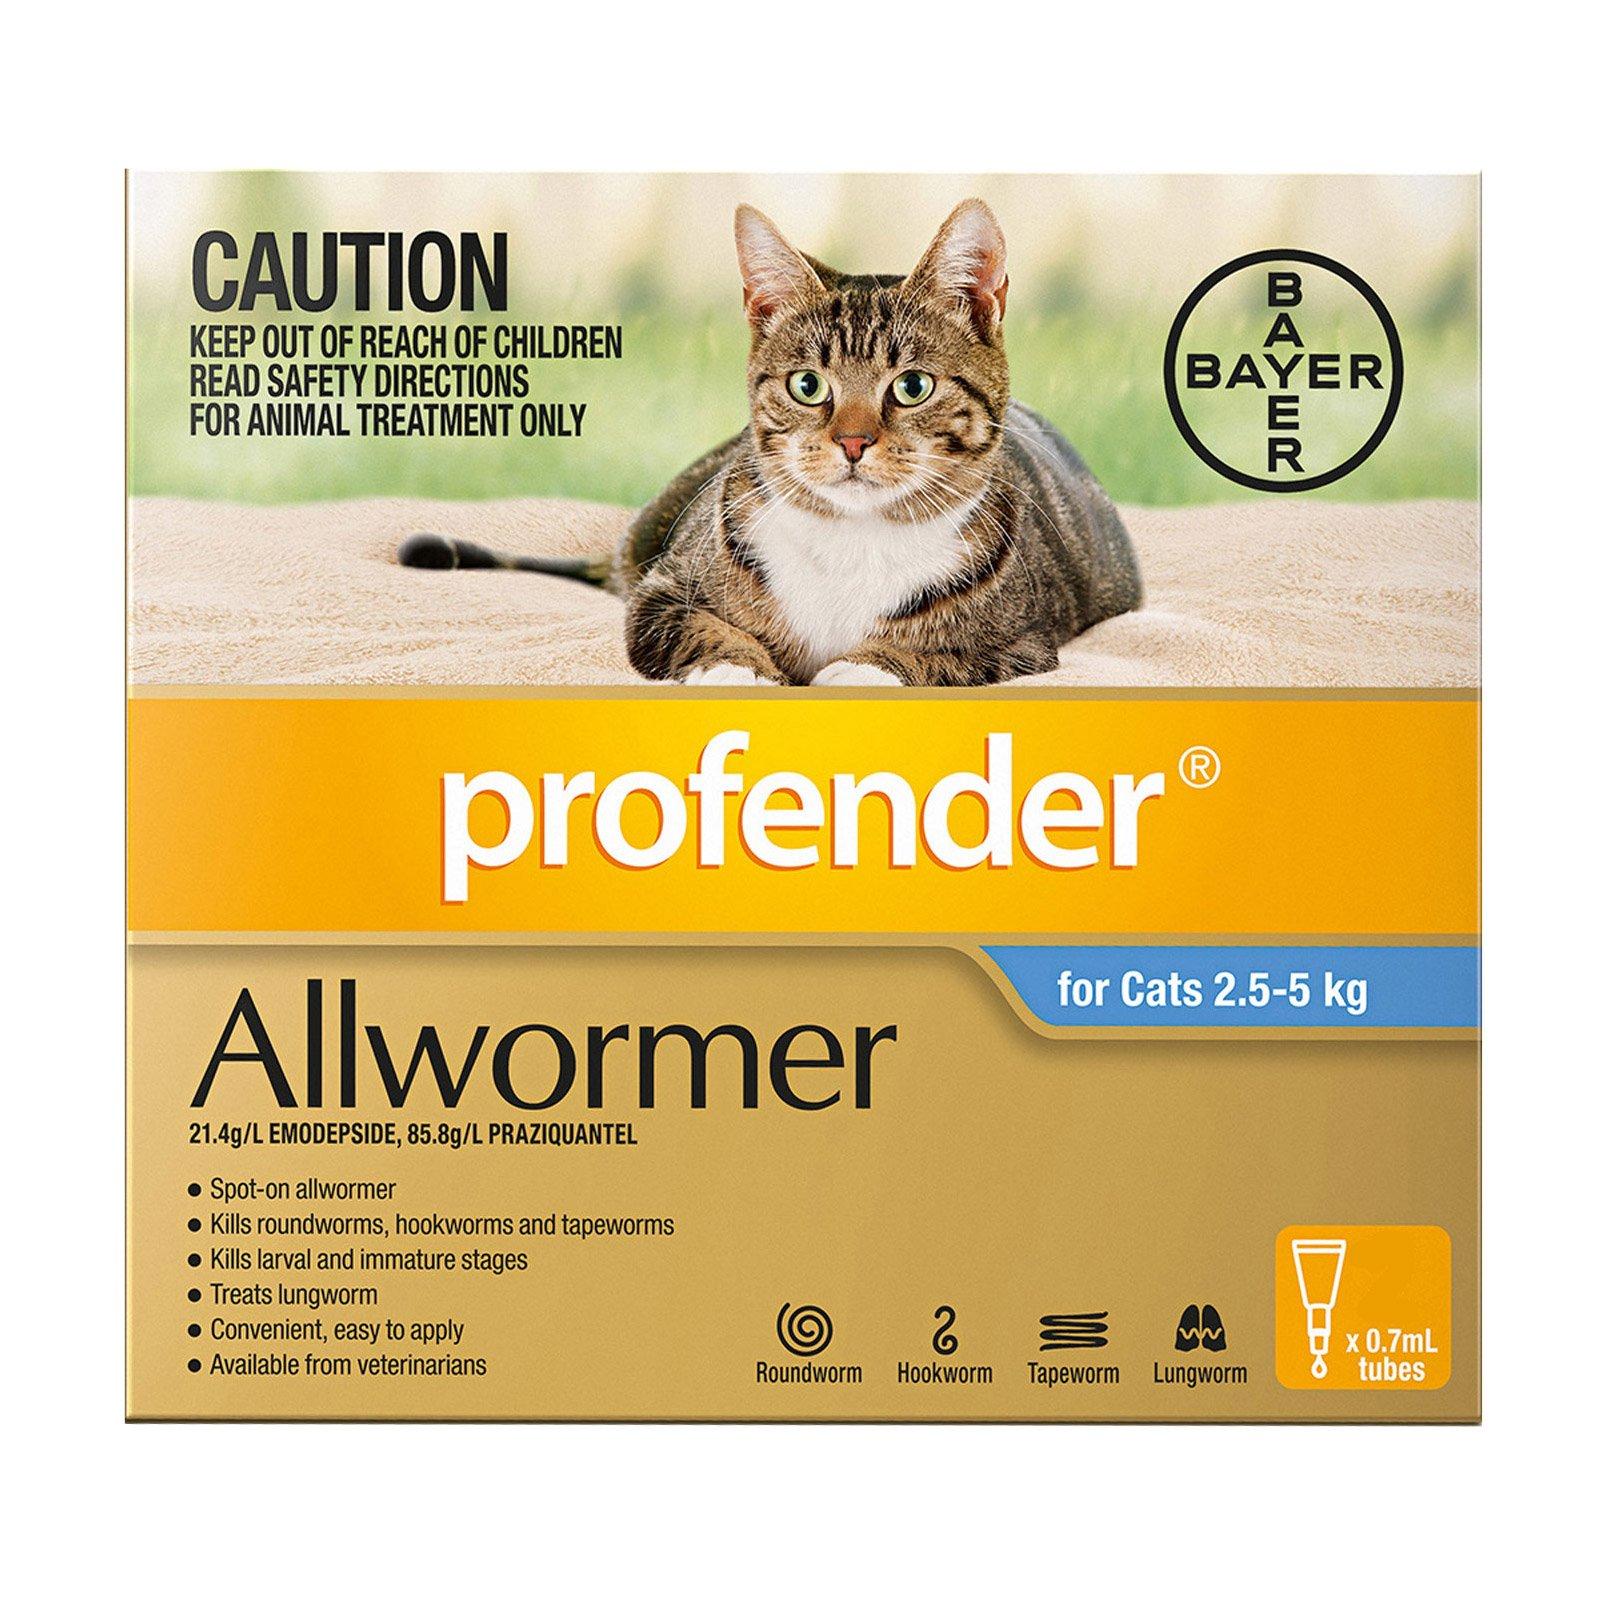 profender-profender-allwormer-for-cats-2-5-5kg-2-pipette-pack.jpg